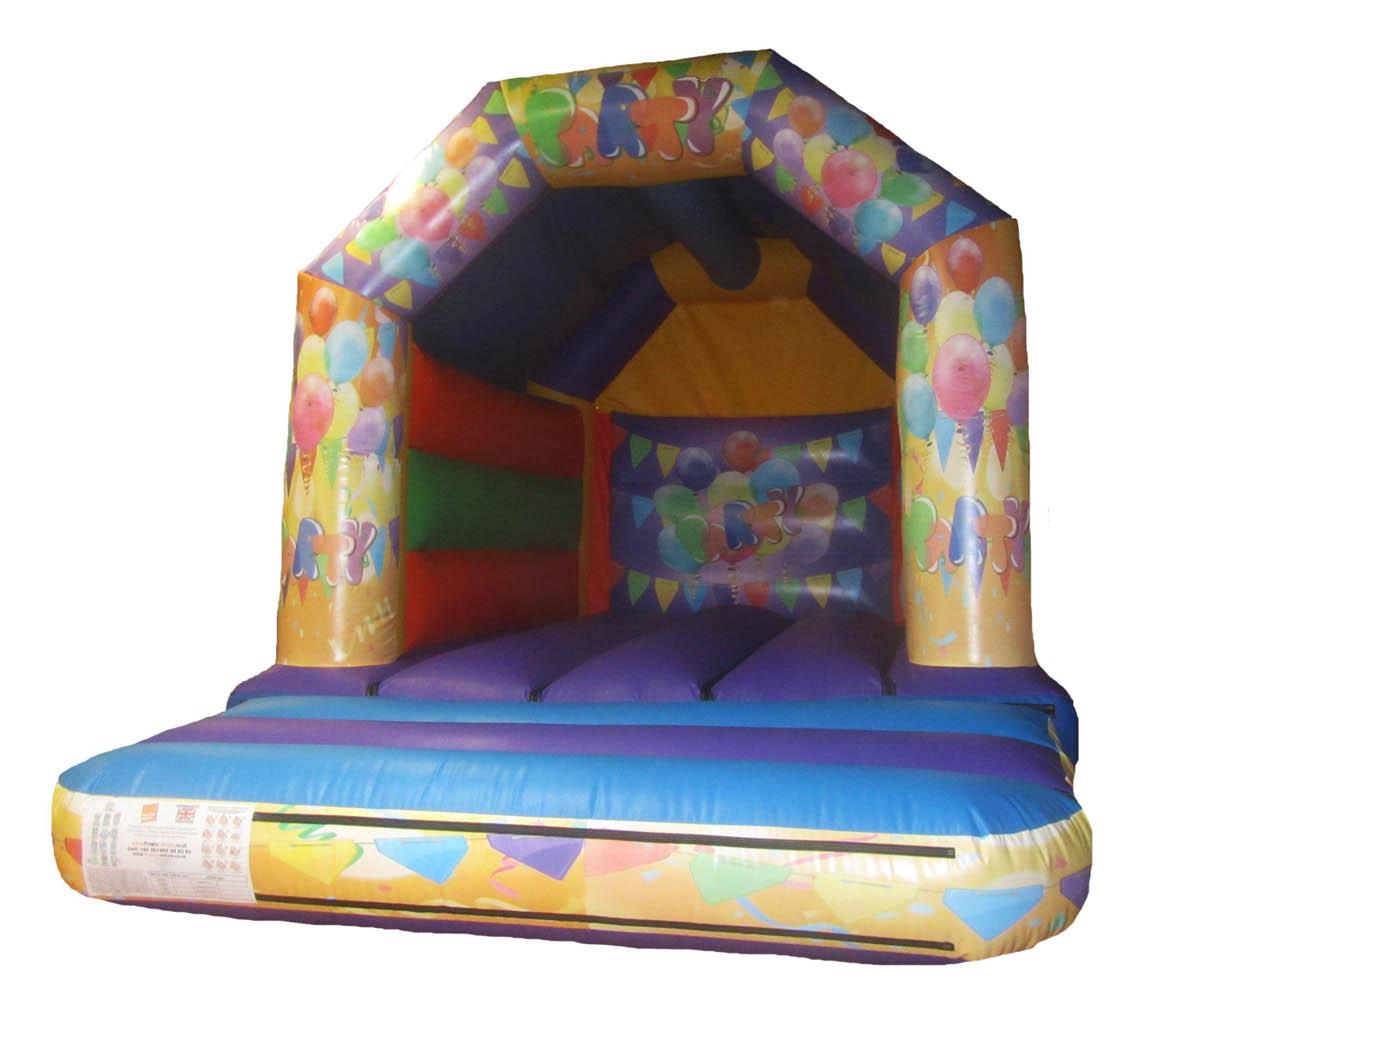 15x11-orange-purple-print-party-inflatable-bouncy-castle-compressor